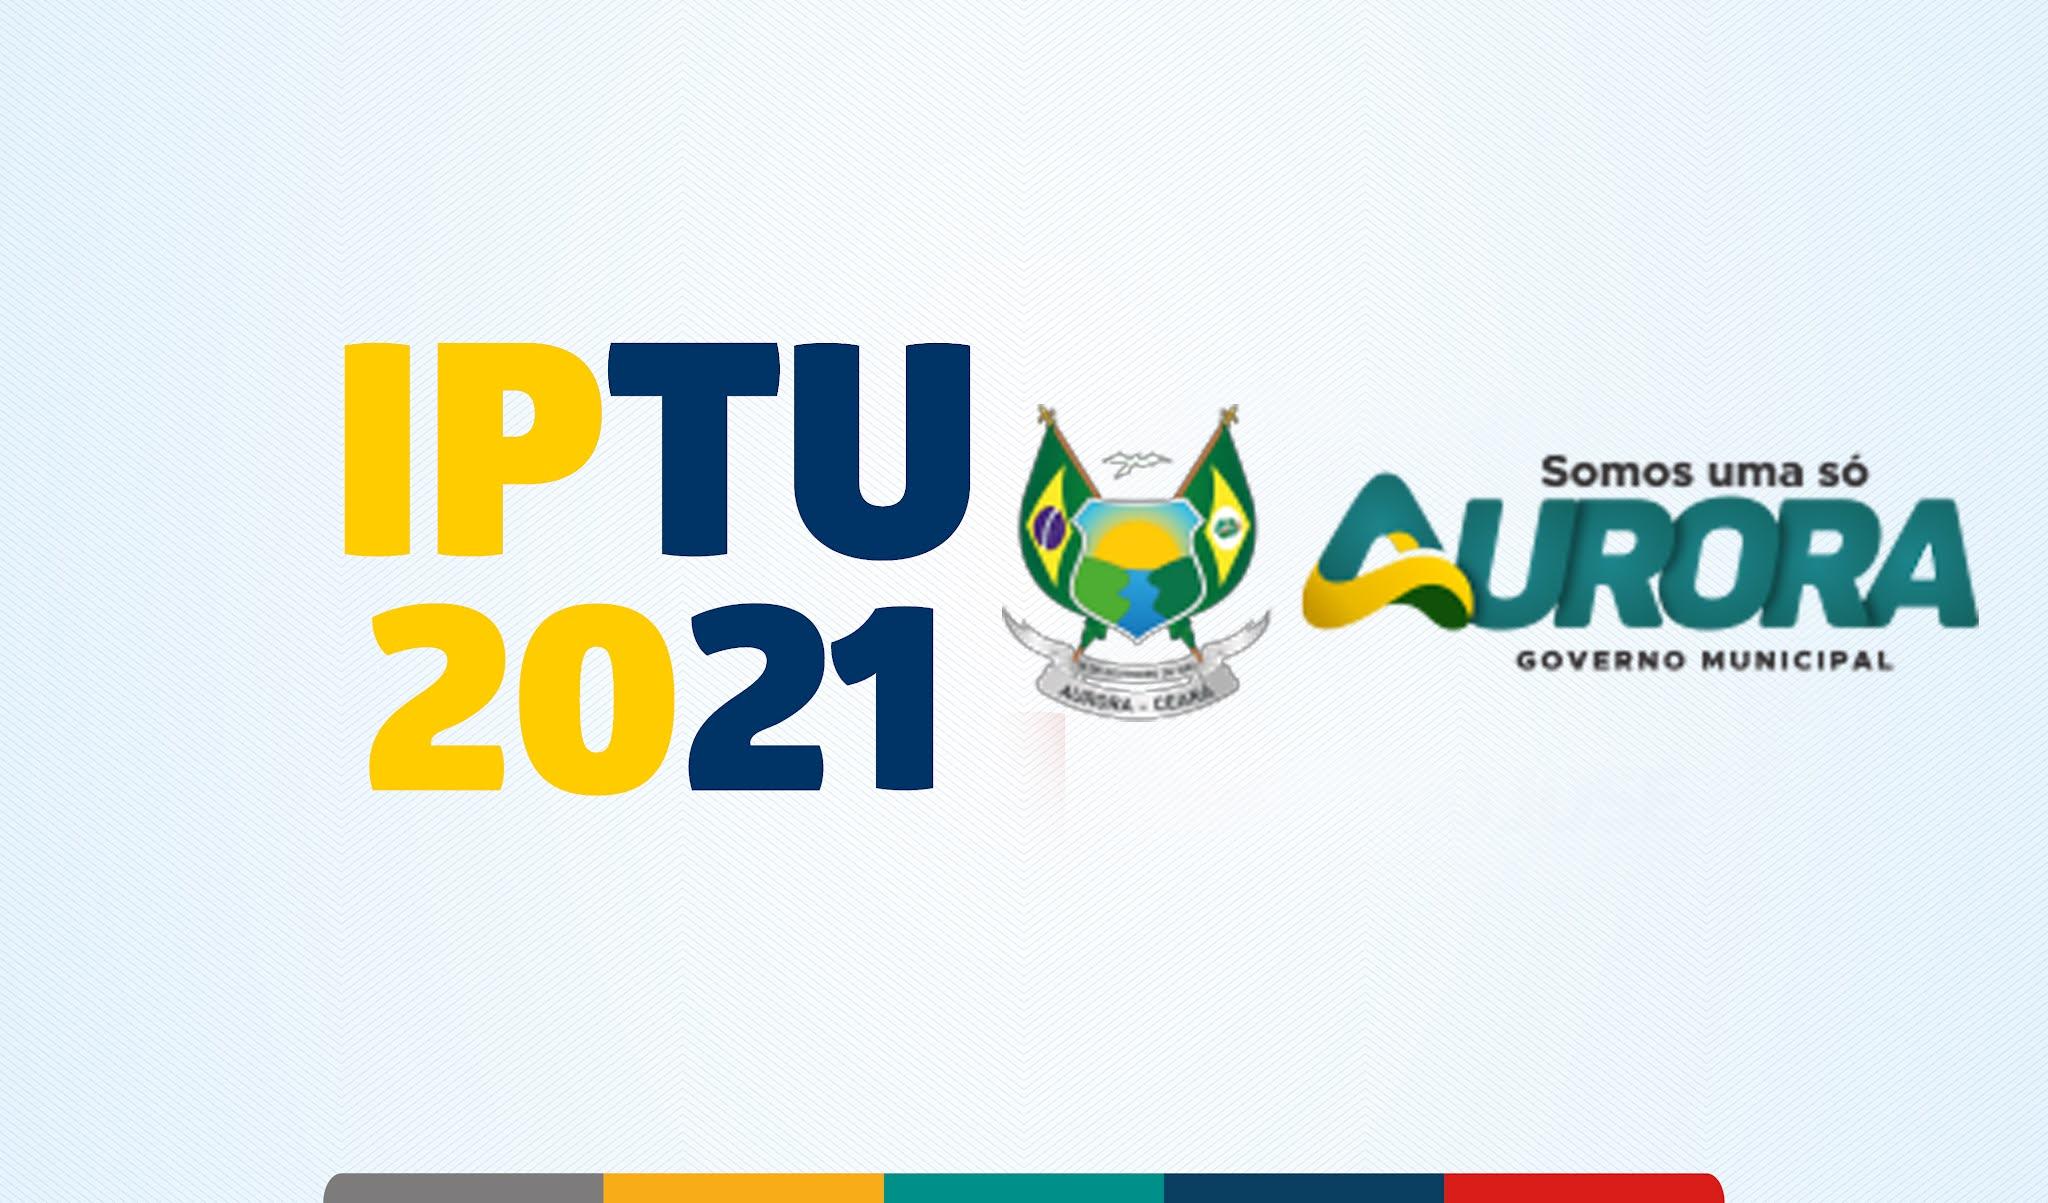 Moradores de Aurora têm até 28 de outubro para pagar IPTU com 20% de desconto